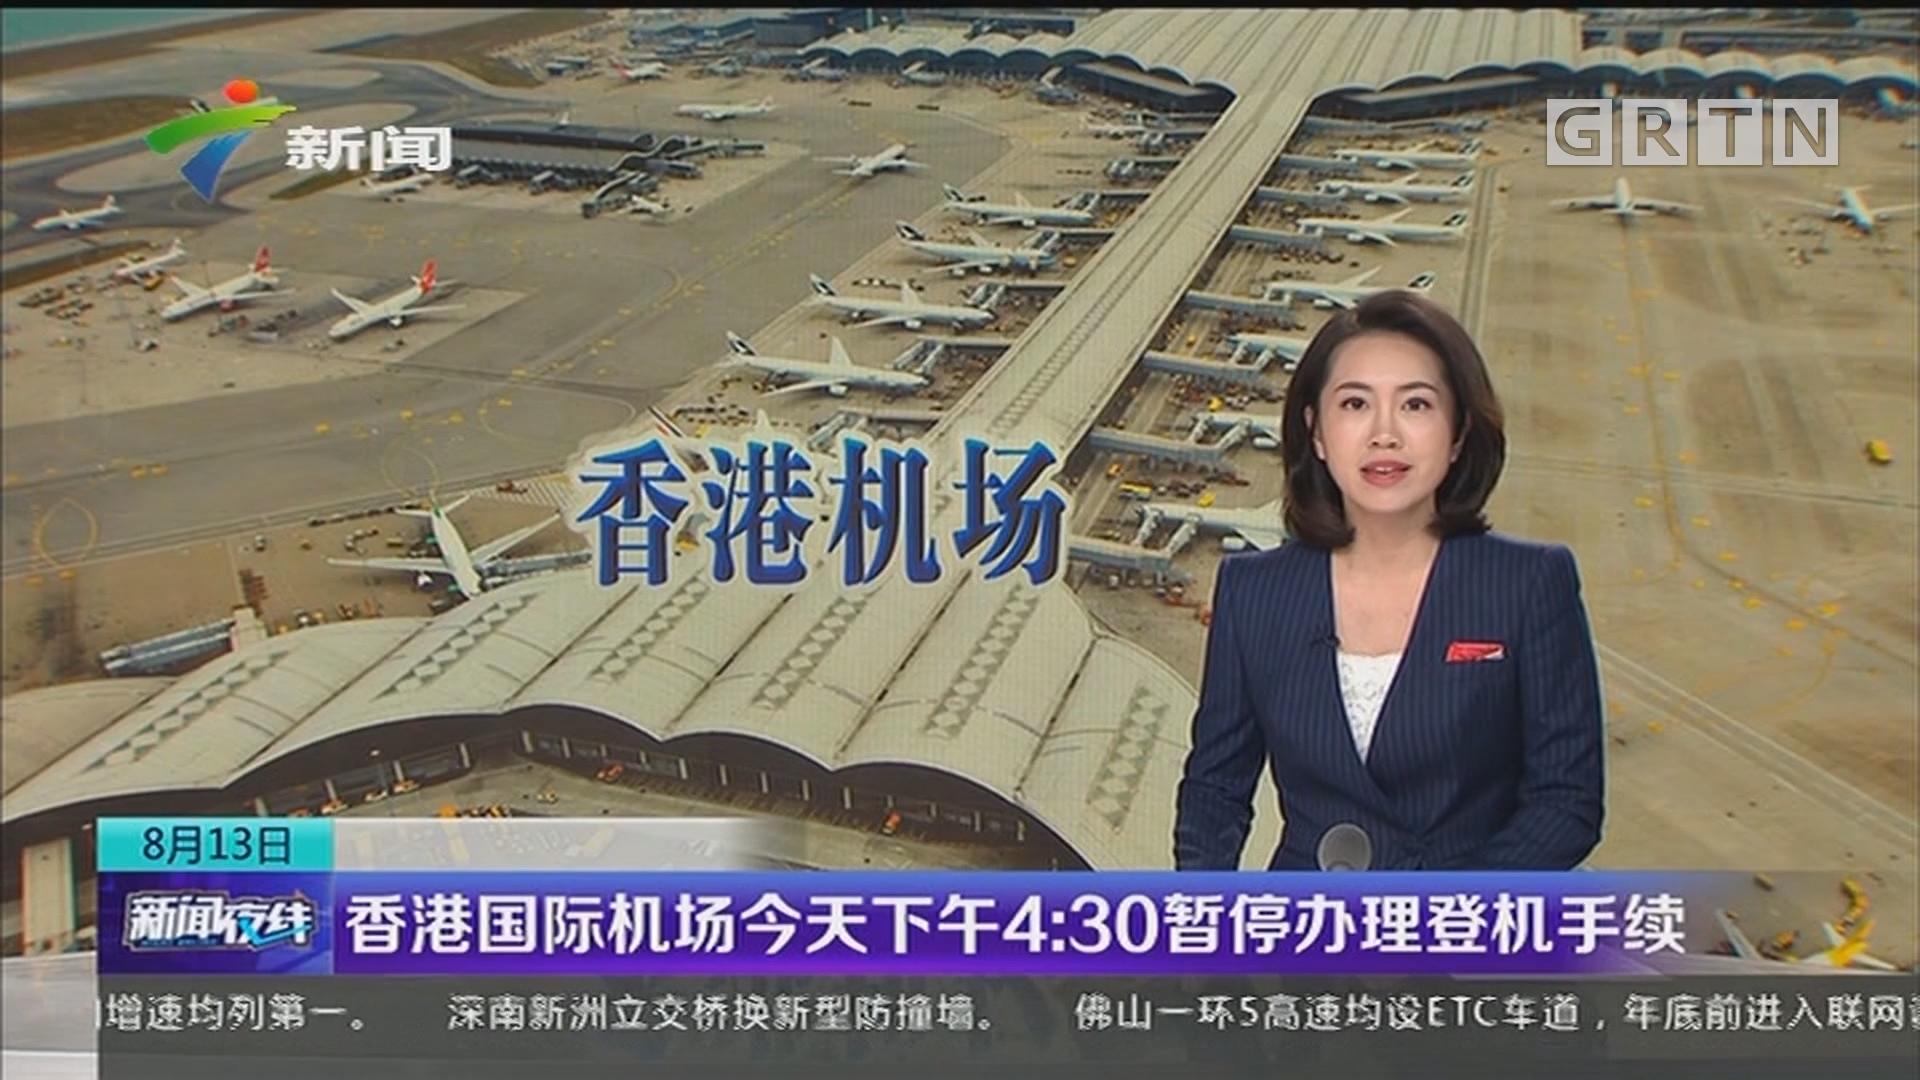 香港国际机场今天下午4:30暂停办理登机手续